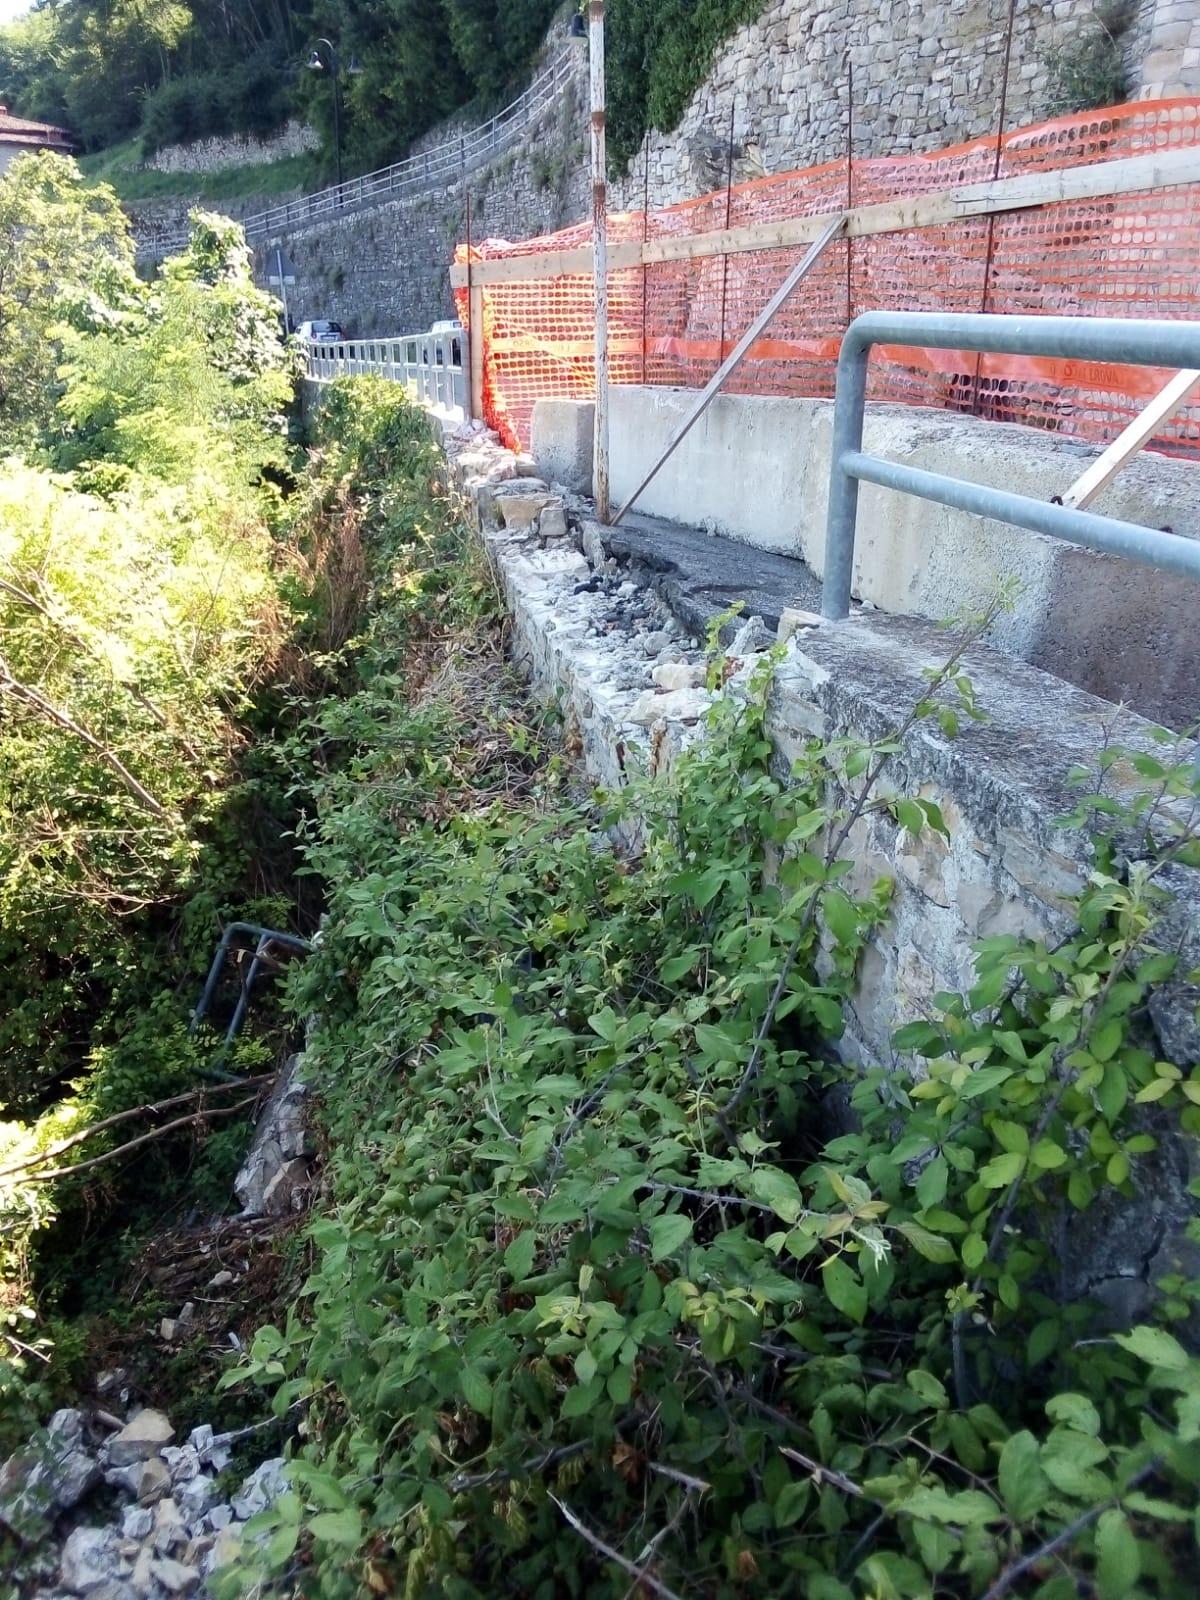 Ripristino arredo urbano post incidente Gandosso (Bergamo) - lavori 2